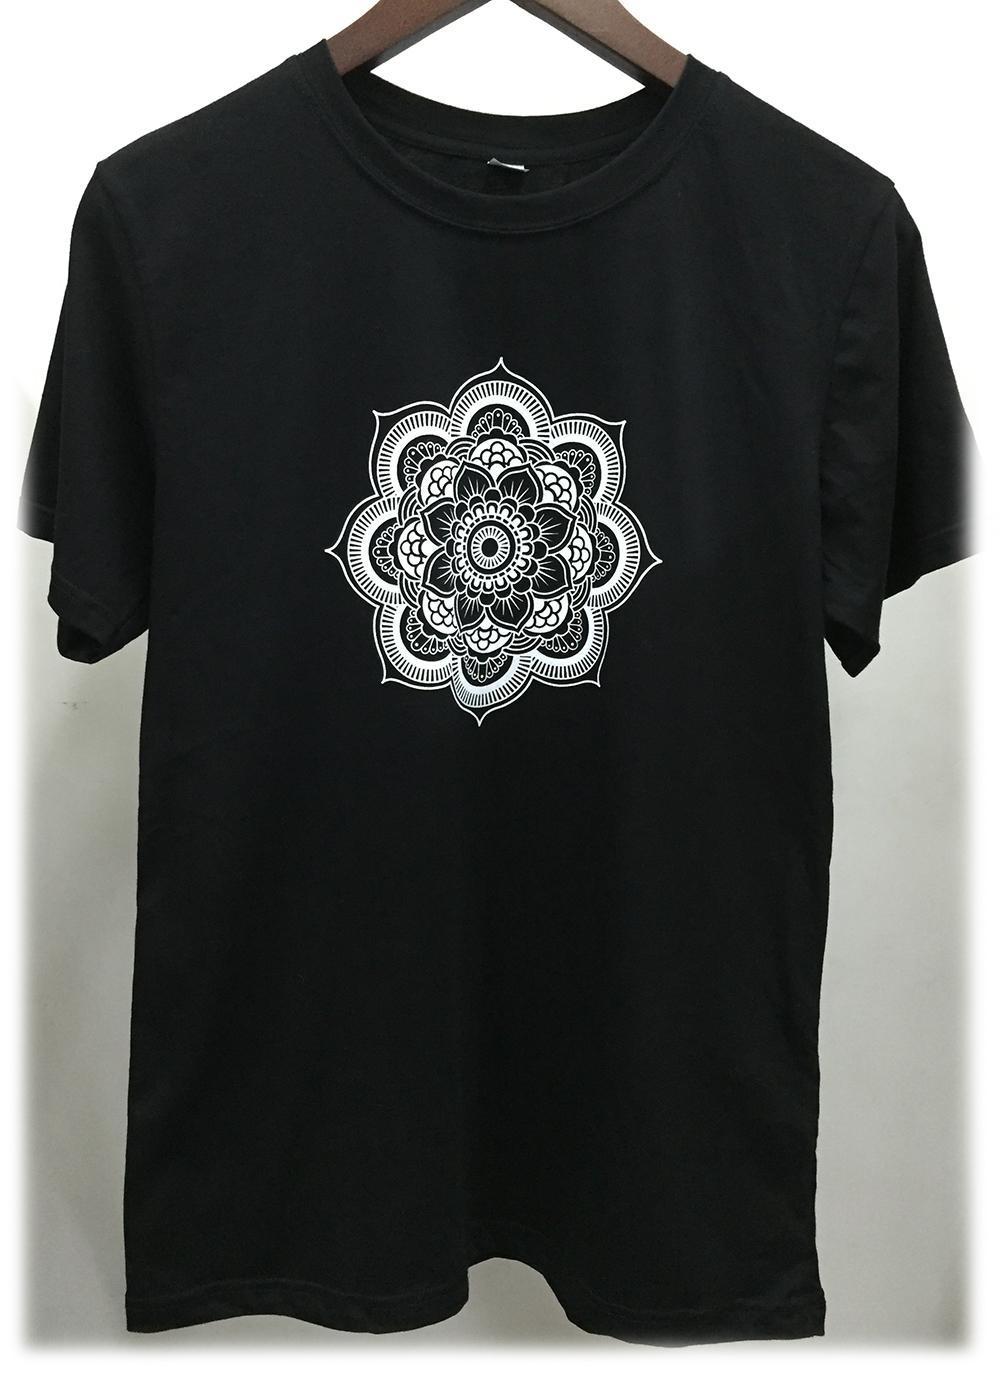 tshirt001.jpg